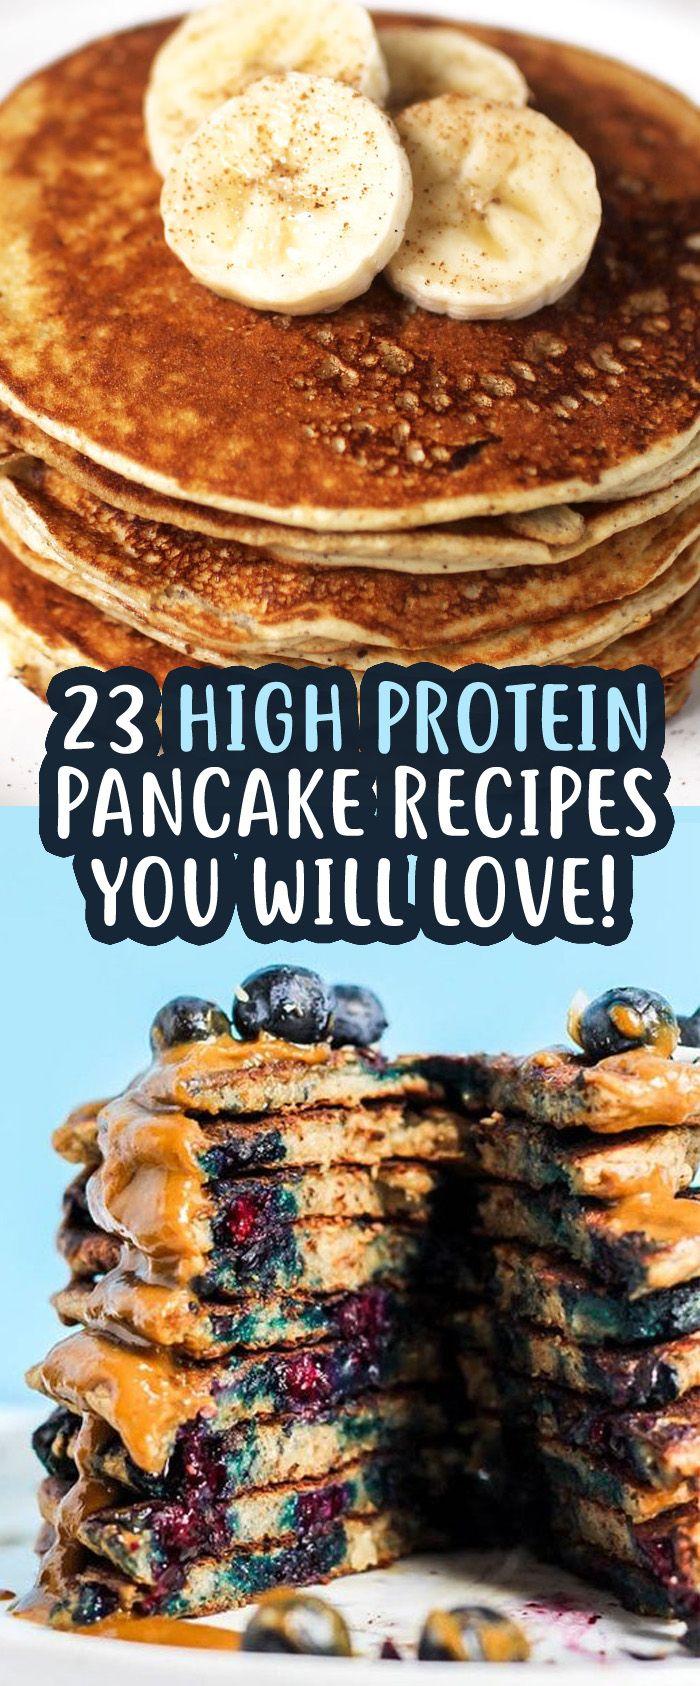 23 rezepte f r pancakes mit viel eiwei highprotein pfannkuchen kann man mit diesen anleitungen. Black Bedroom Furniture Sets. Home Design Ideas